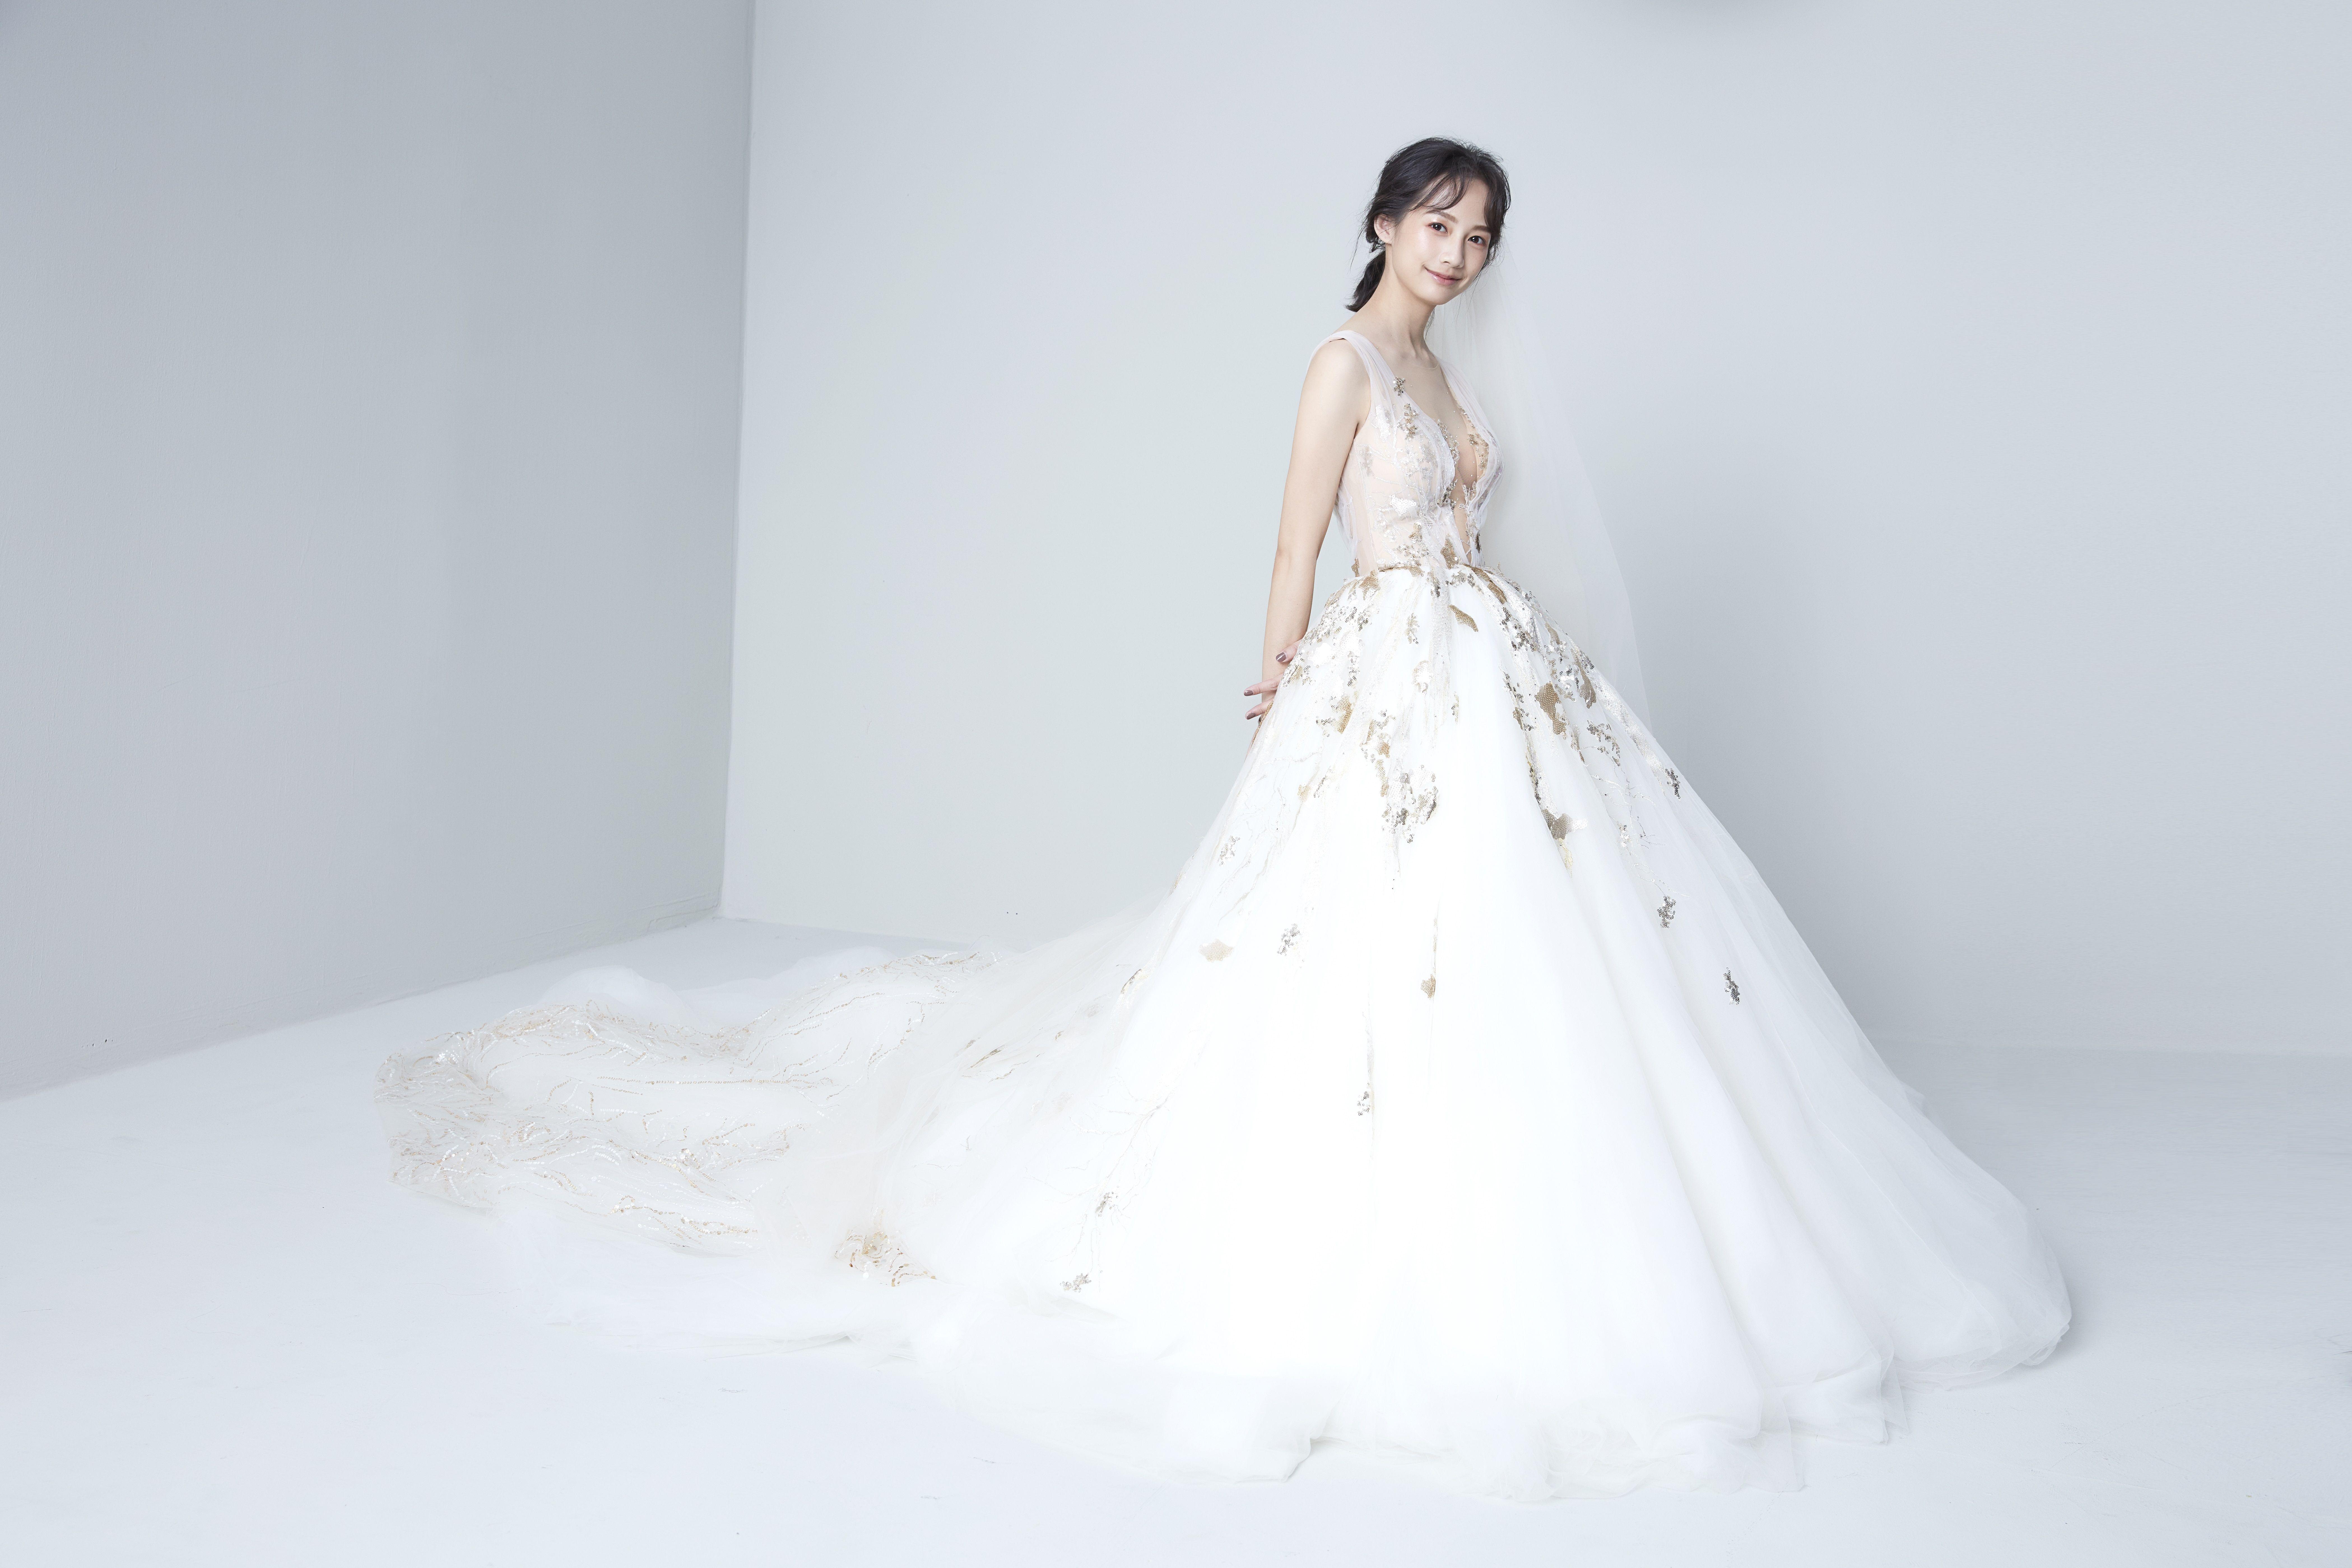 簡嫚書,婚紗